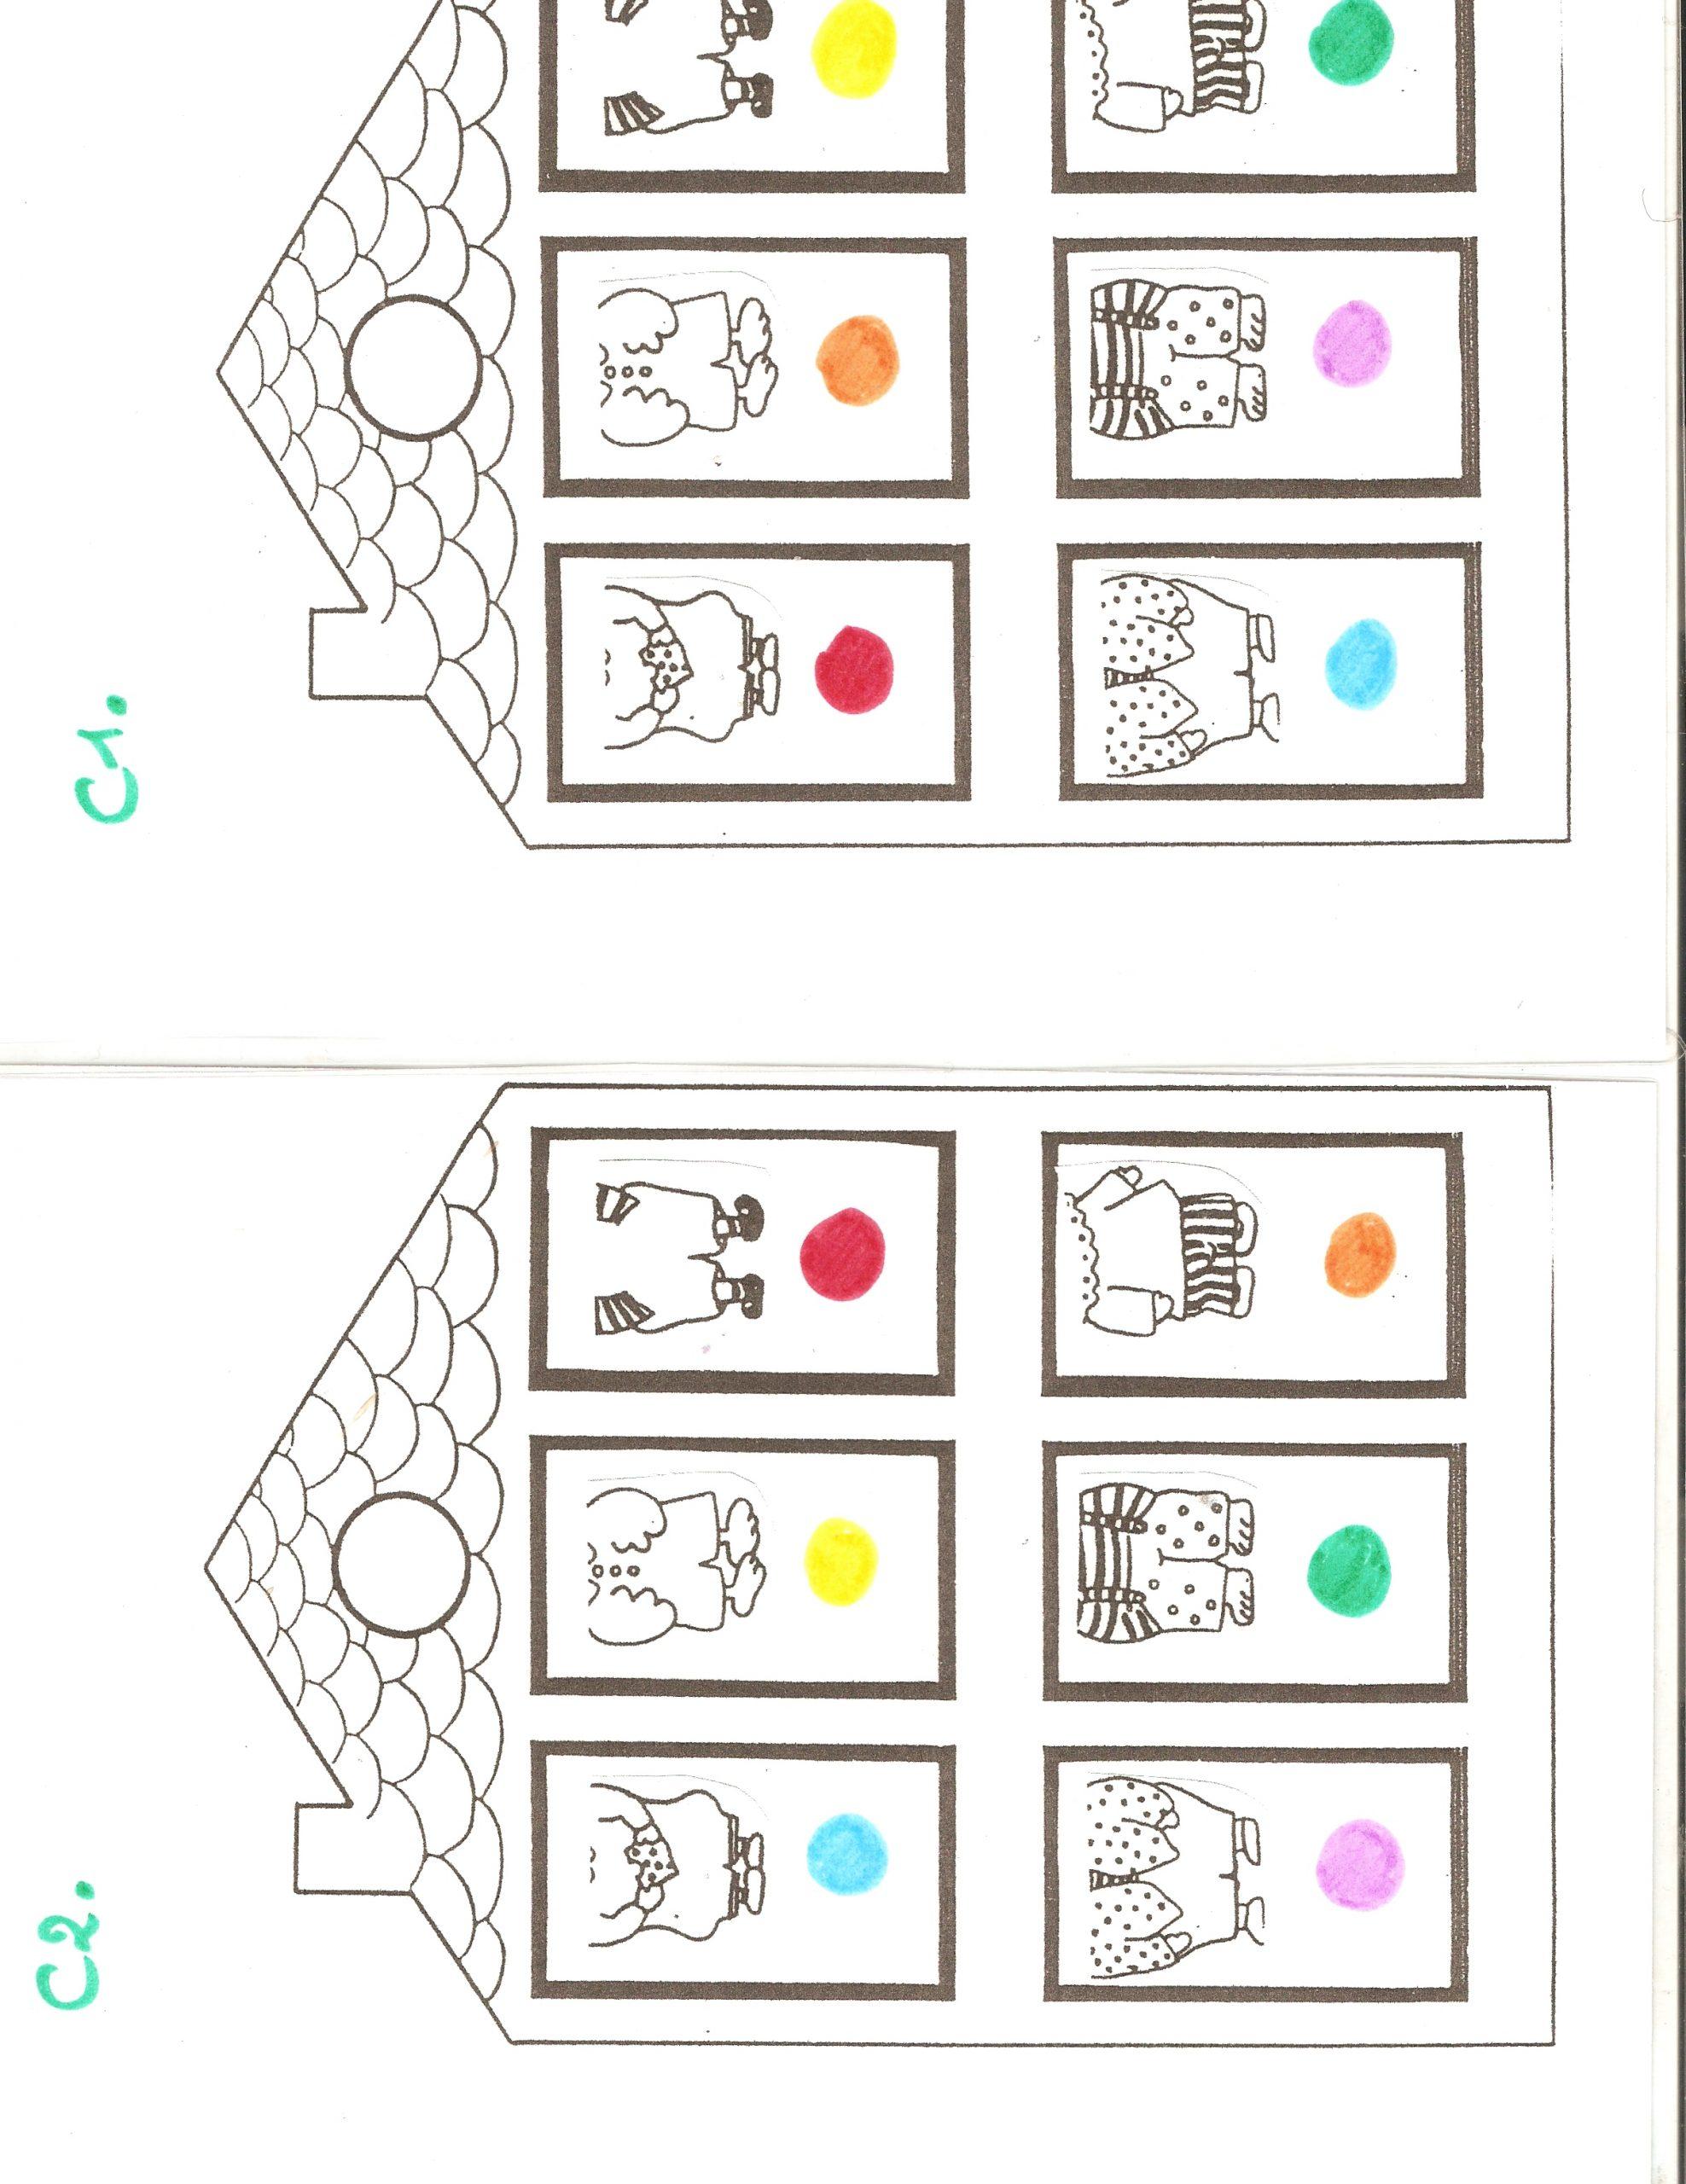 Mic Mac De Arthur Et Marie Avec Fiches Faites Maison - La pour Sudoku Animaux À Imprimer